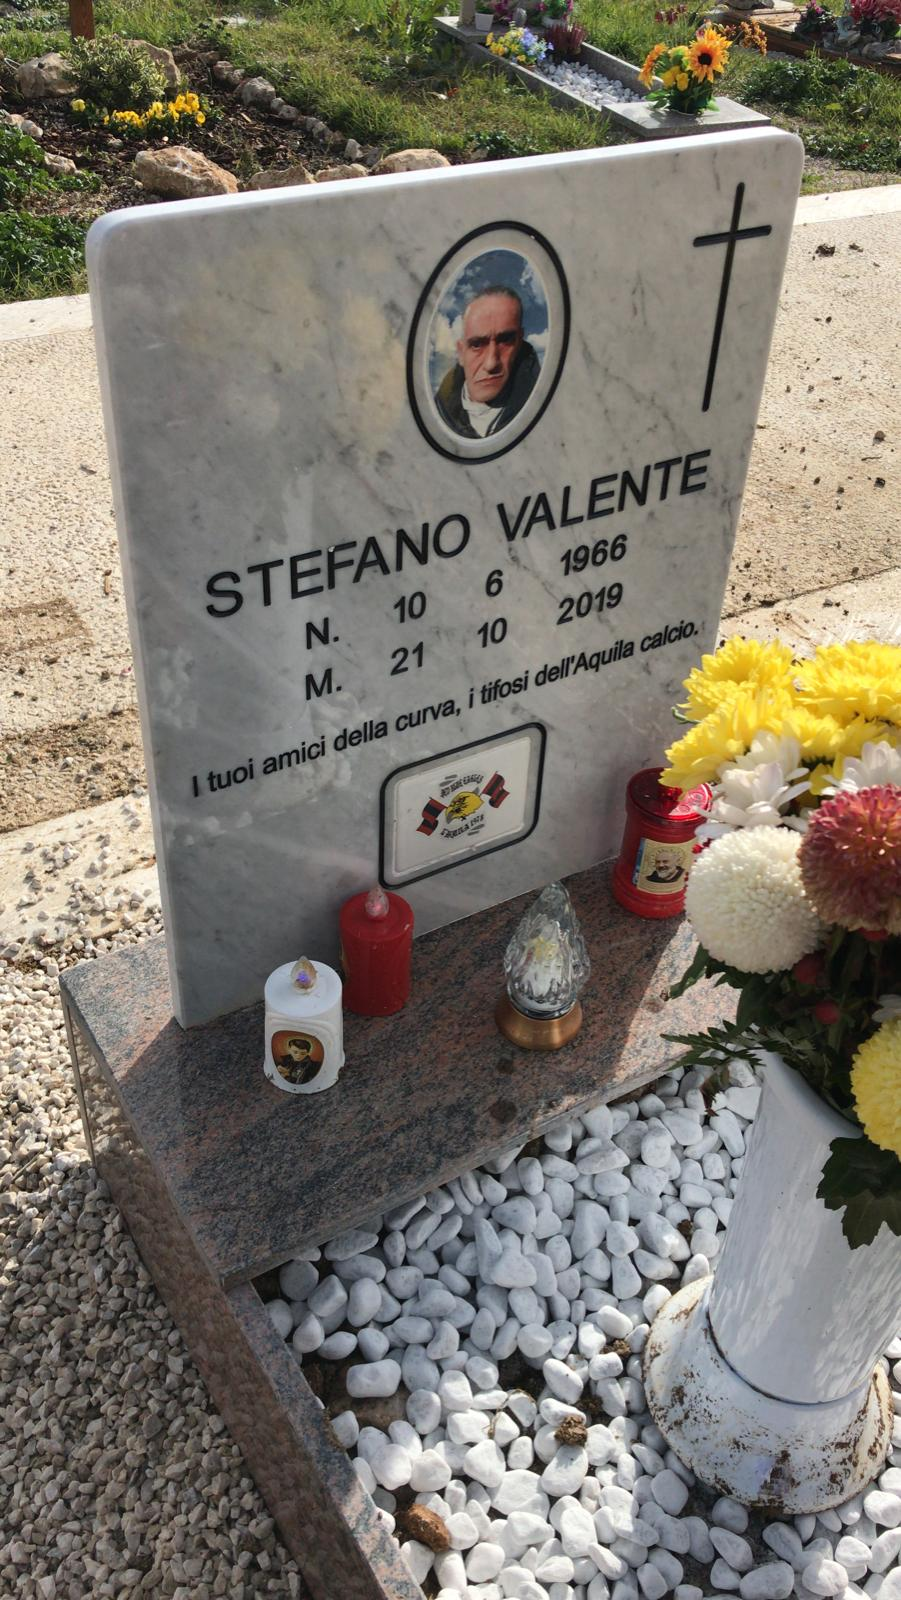 In memoria di Stefano Valente, lapide pagata grazie al contributo di tutti i ragazzi della curva e di tutti i tifosi, che ci hanno aiutato a dare una degna sepoltura a Stefano.